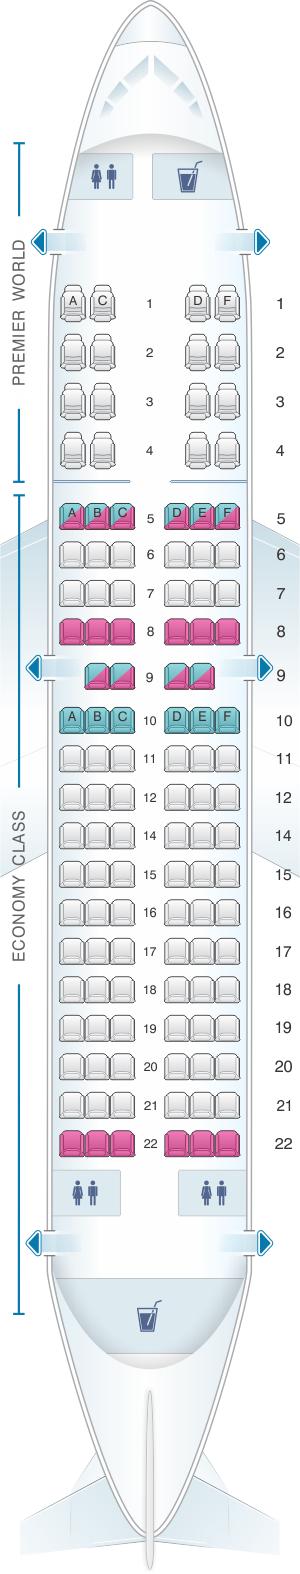 Seat map for Kenya Airways Boeing B737 300